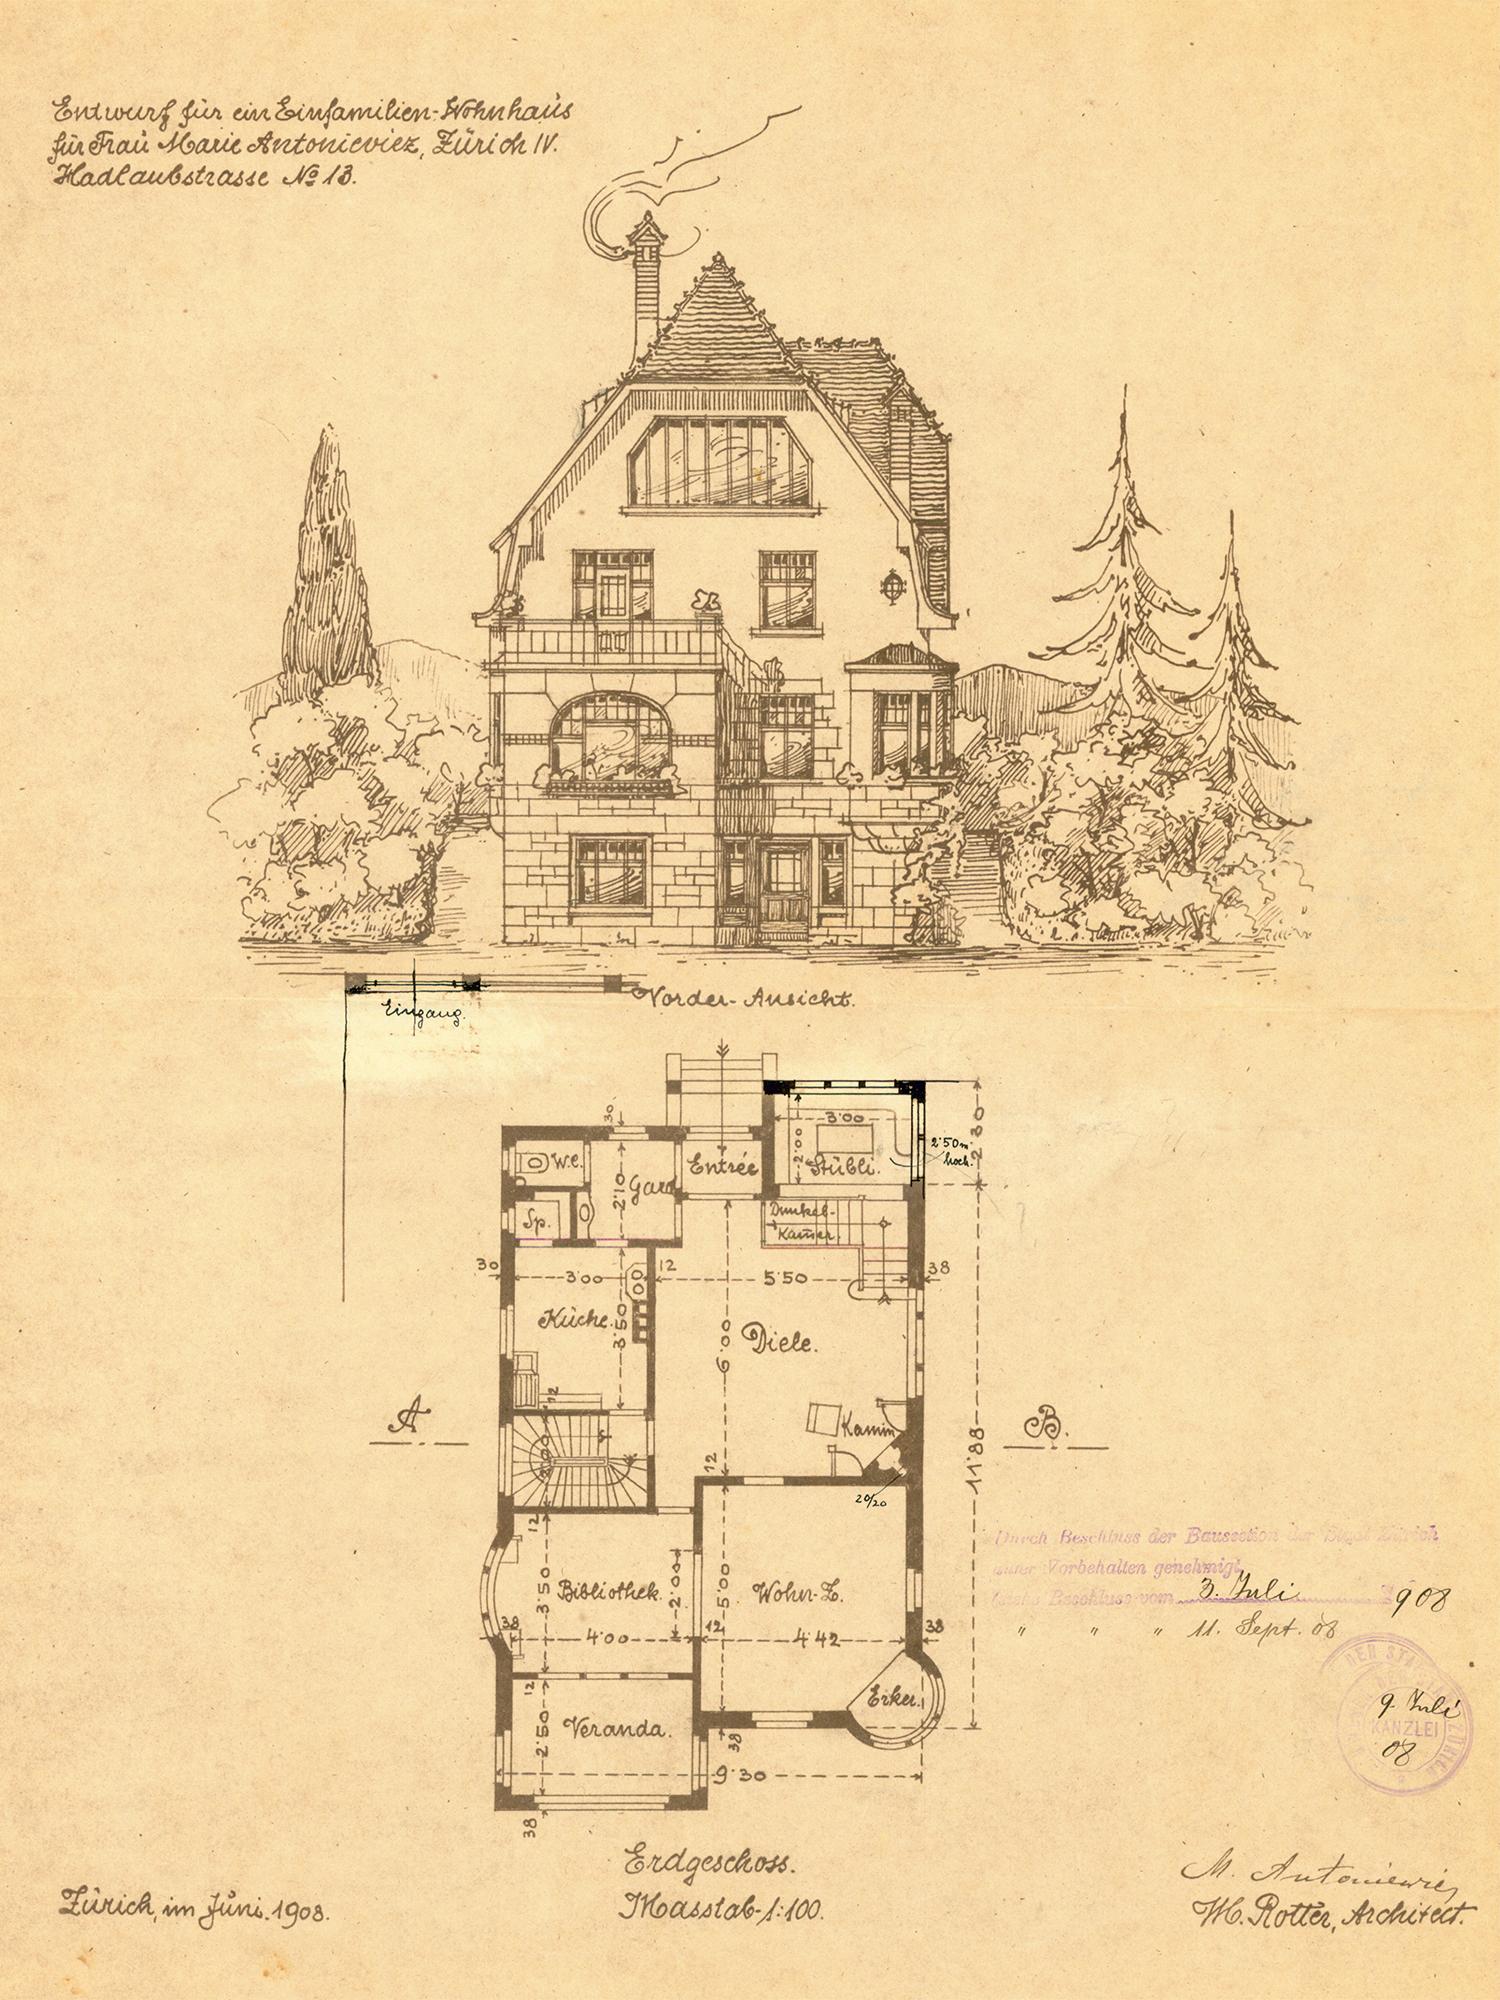 Entwurf für ein Einfamilien-Wohnhaus von Architekt Rotter, Zürich 1908